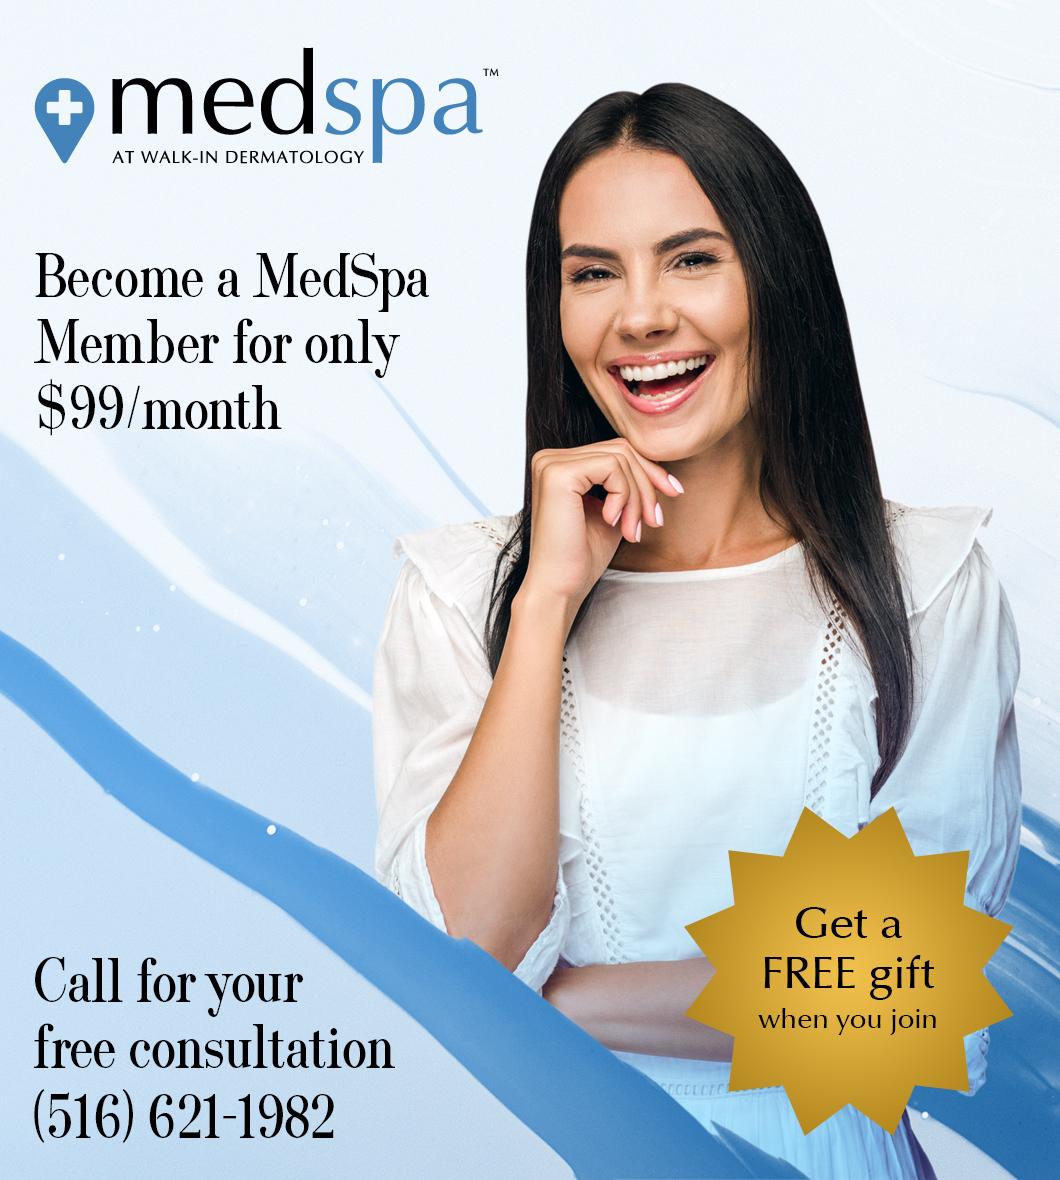 Become a MedSpa Member